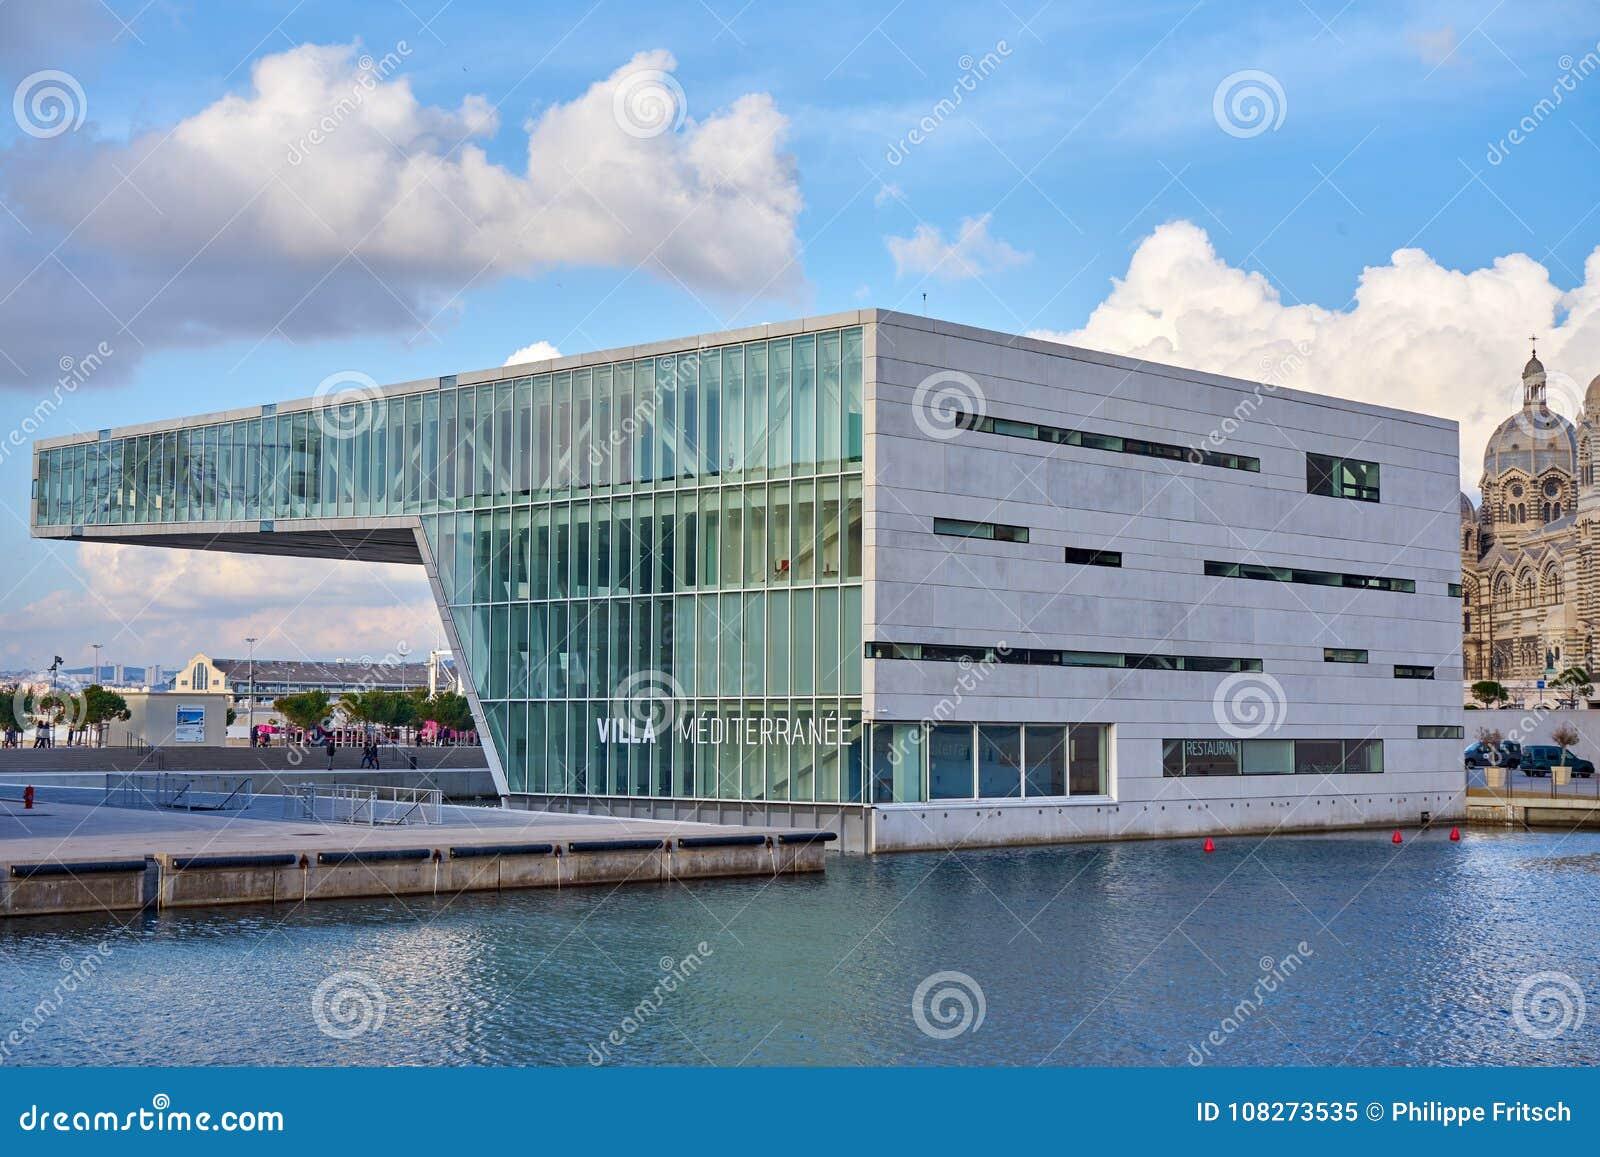 Landhaus Méditerranée ist ein öffentliches Gebäude, das im 2. Arrondissement von Marseille gelegen ist